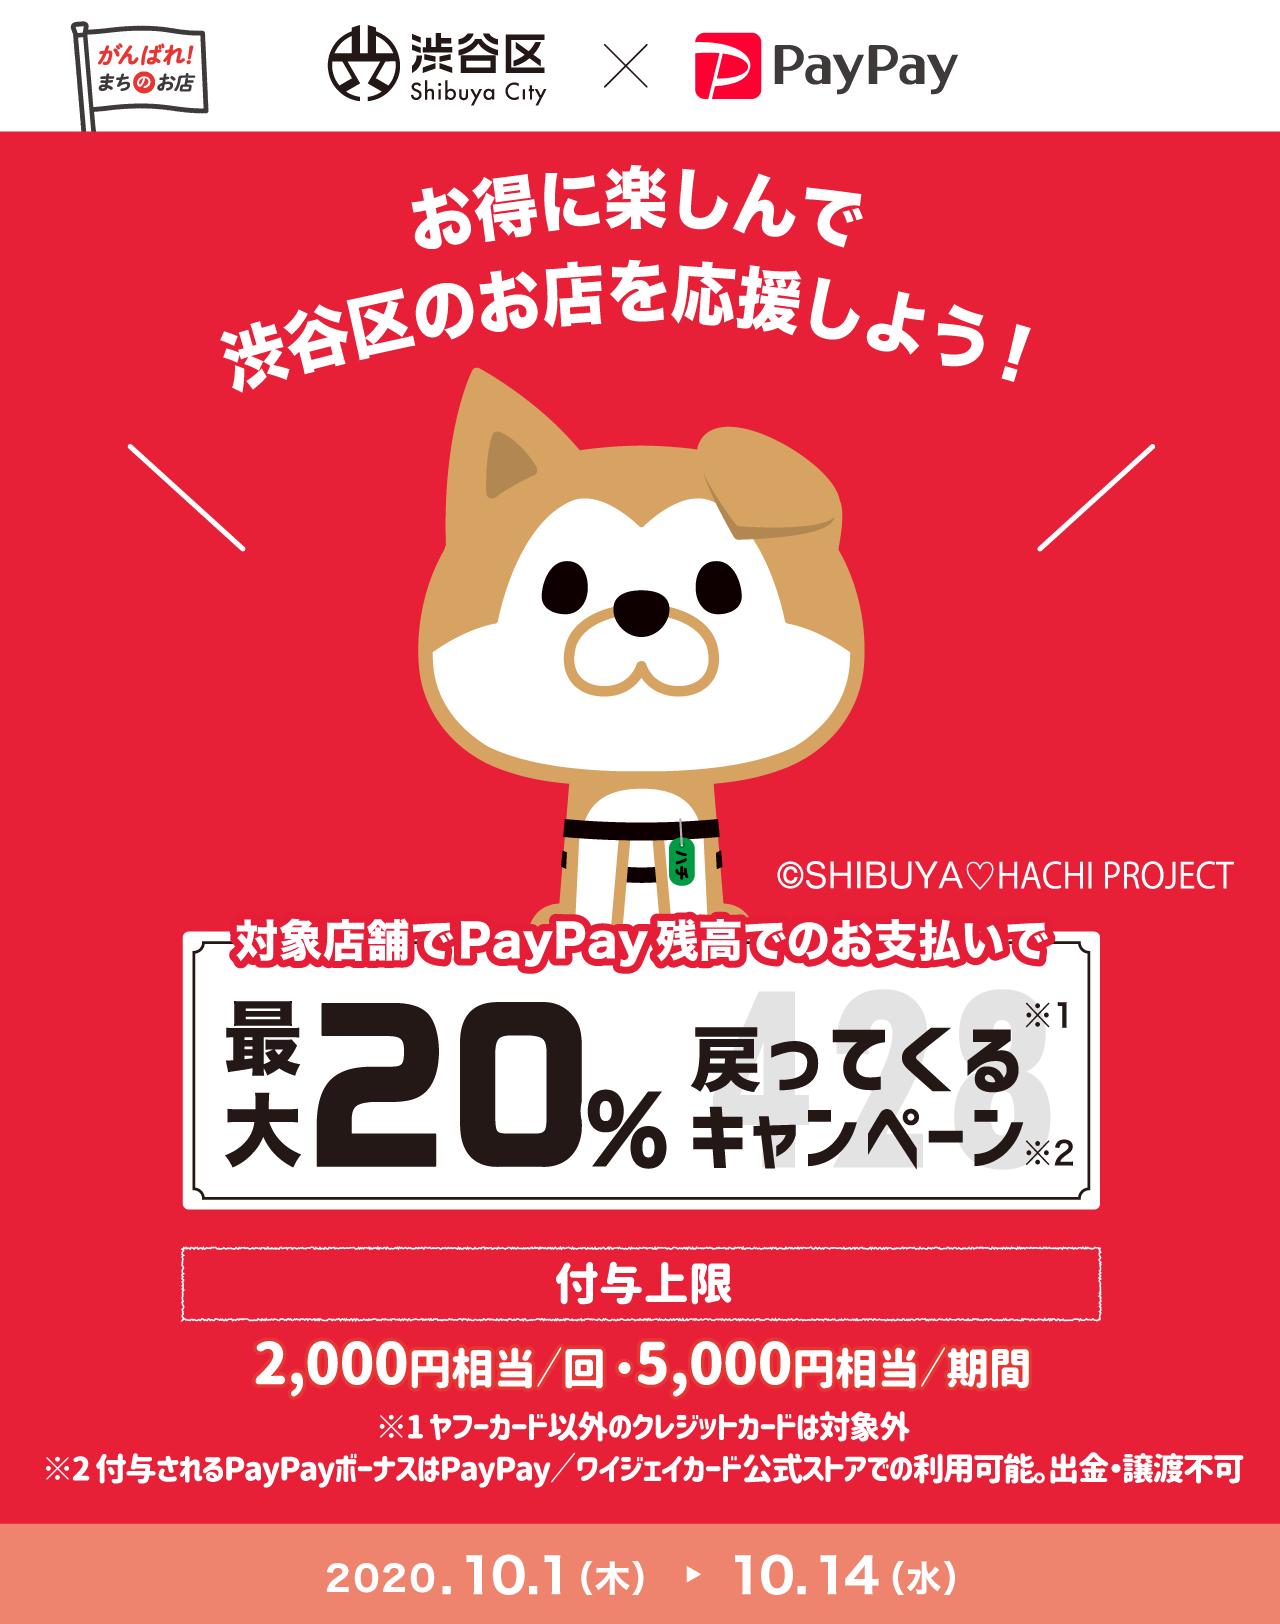 お得に楽しんで渋谷区のお店を応援しよう! 対象店舗でPayPay残高のお支払いで最大20%戻ってくるキャンペーン